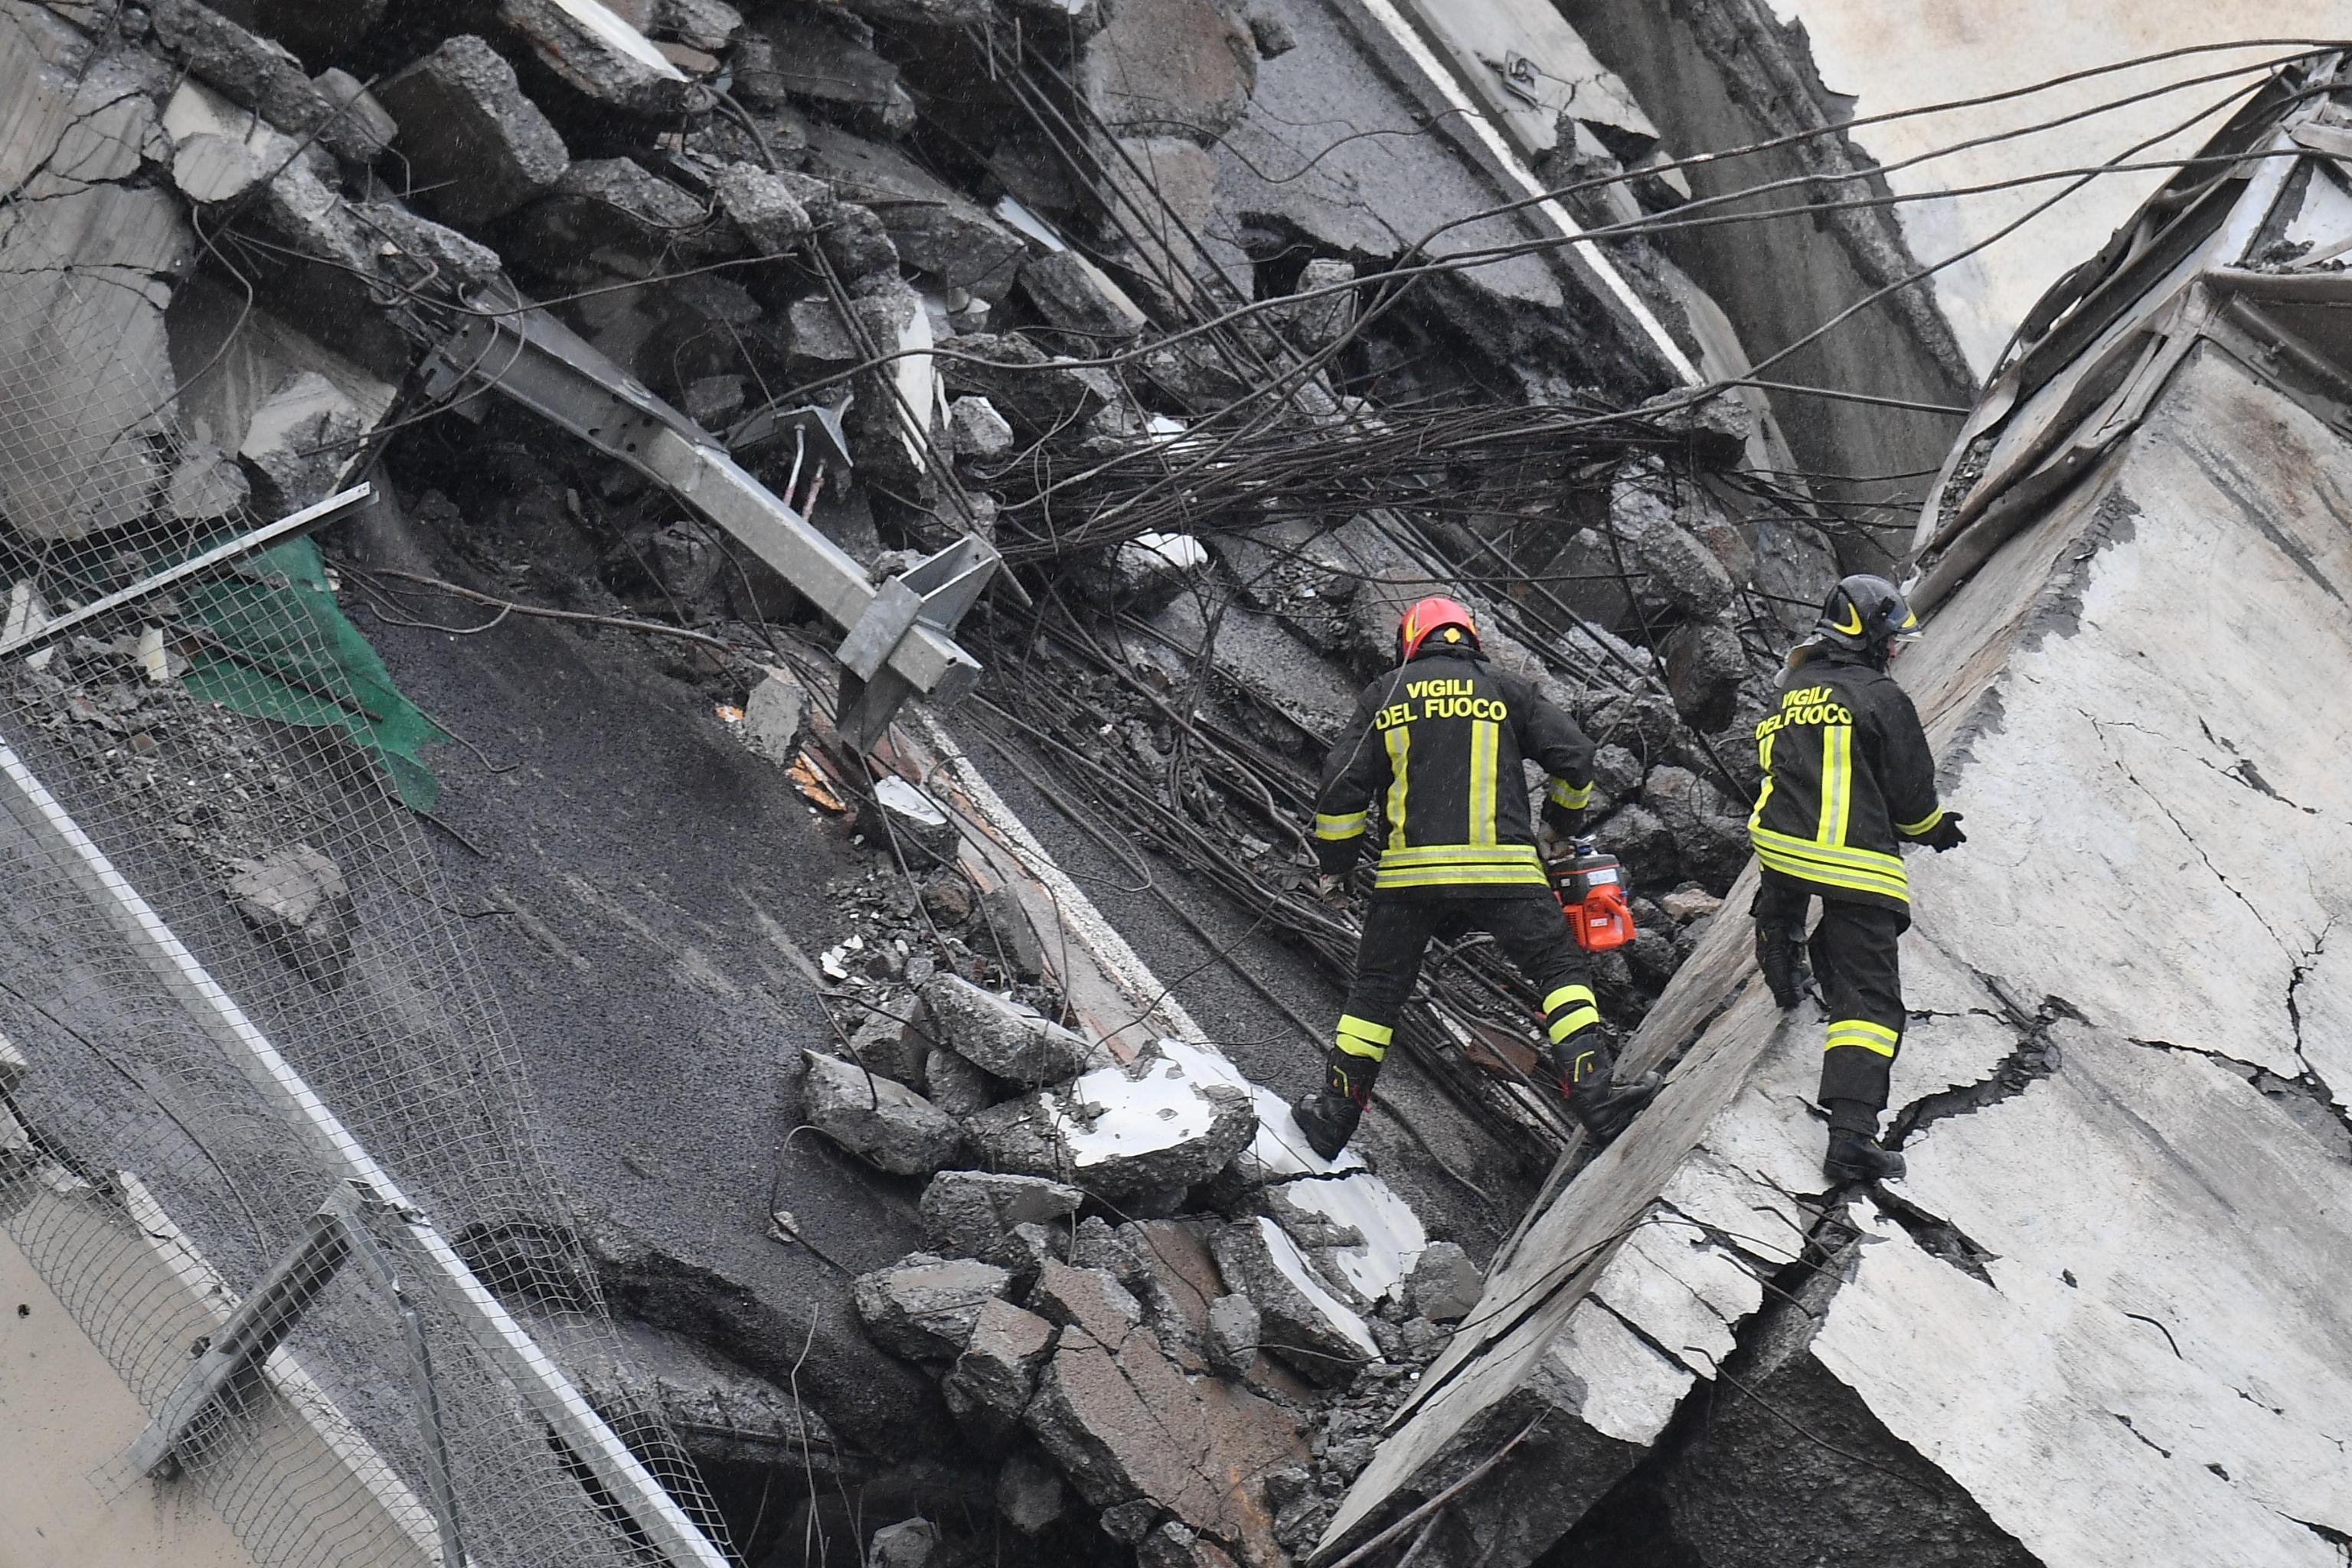 (Luca Zennaro/ANSA via AP)